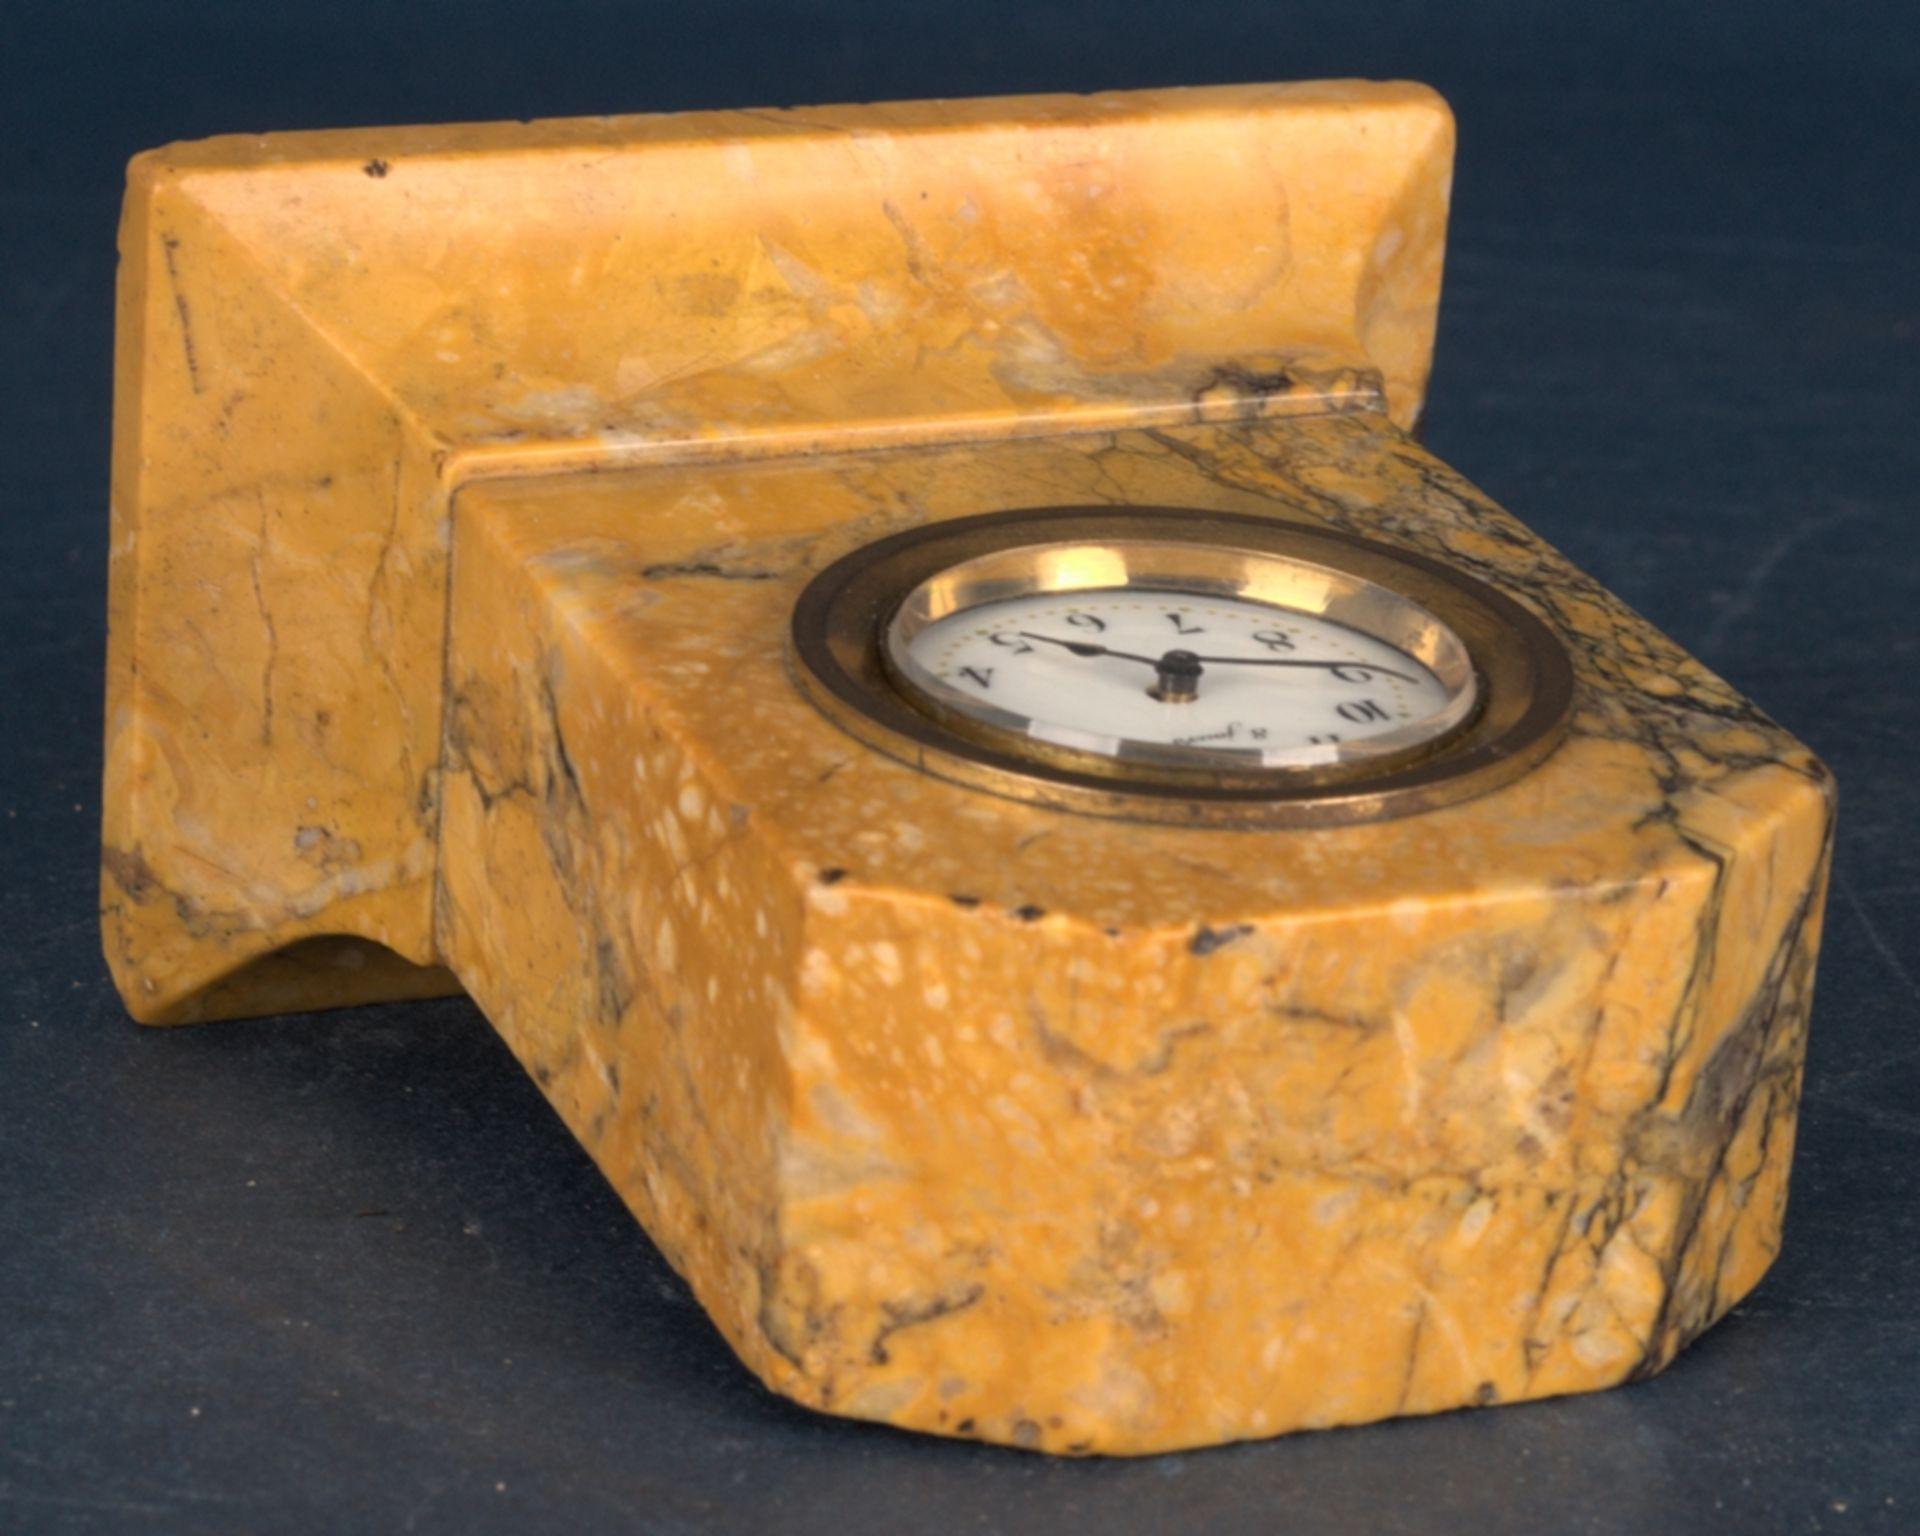 Kleine Tischuhr mit 8 Tagewerk in gelblich-braunem Granit- oder Marmorgehäuse. Höhe ca. 9 cm. Um - Bild 6 aus 8